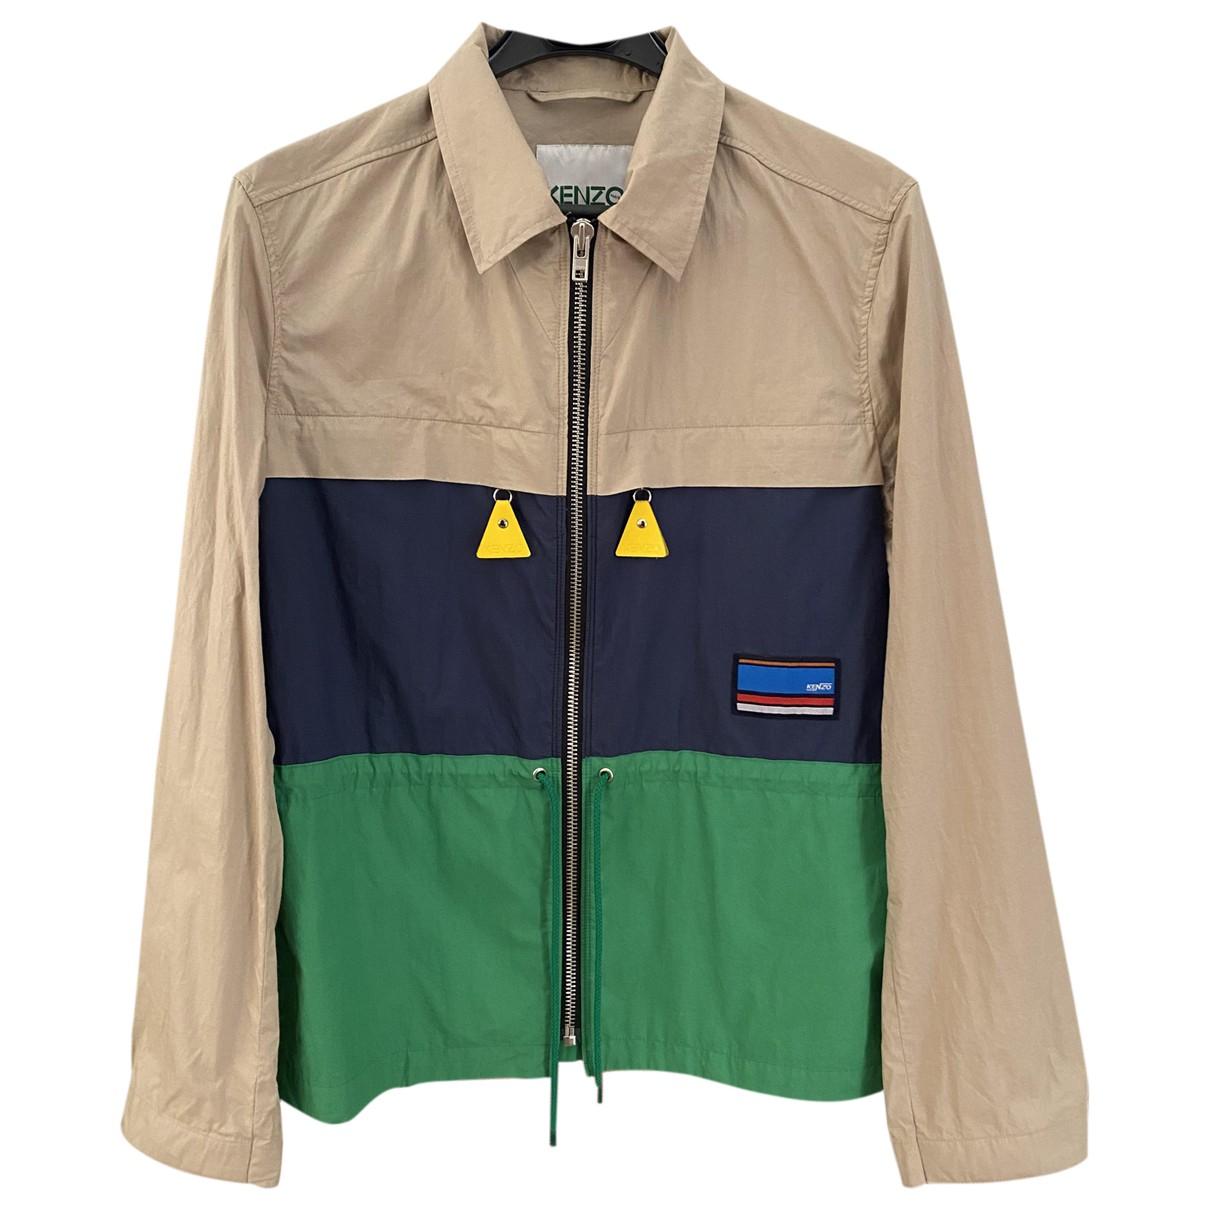 Kenzo - Vestes.Blousons   pour homme en coton - multicolore